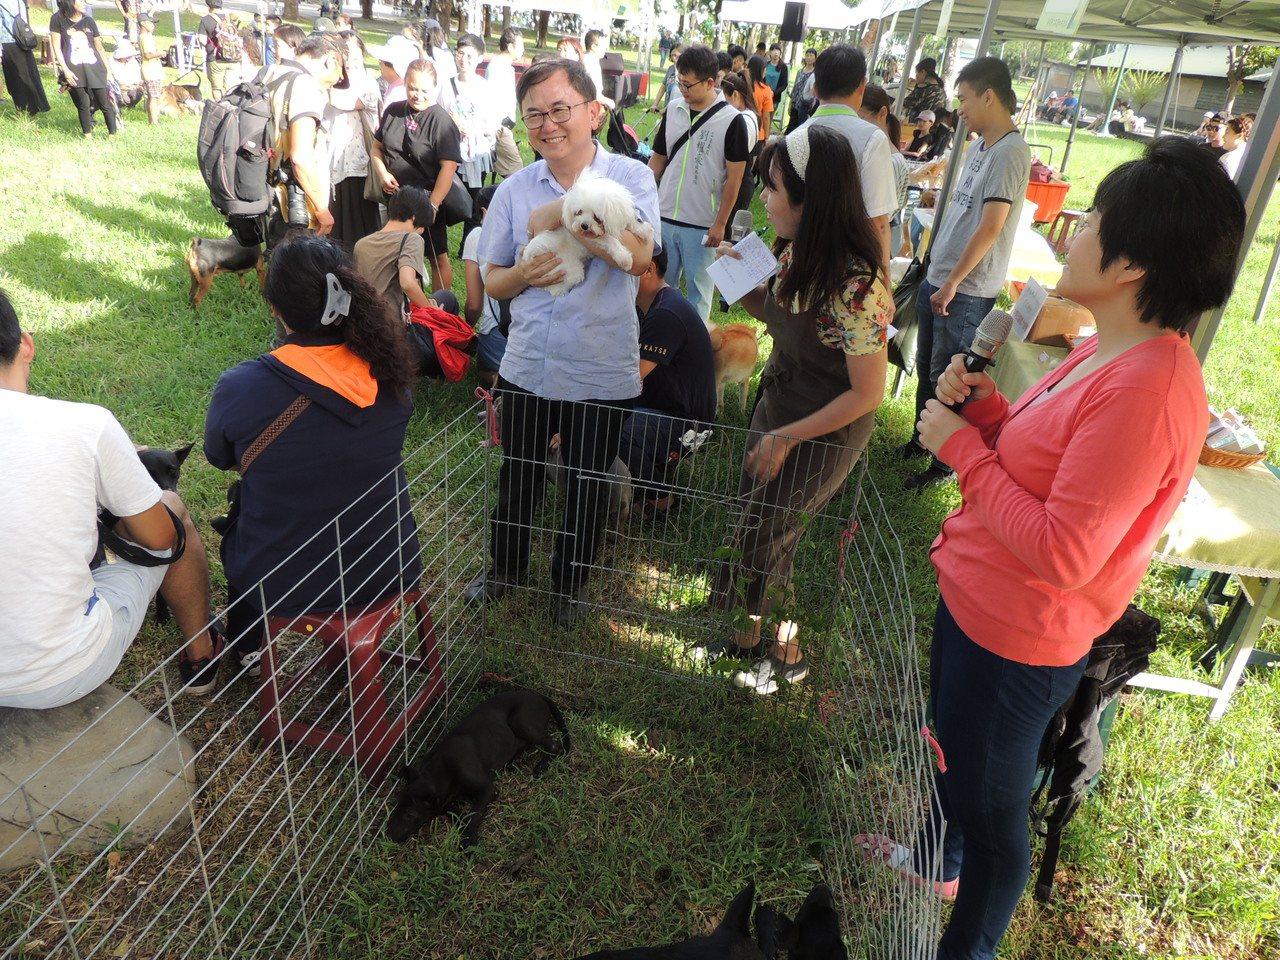 台東立委劉櫂豪(中)今天下午3點半在台東市鐵花村舉辦寵物趴活動,吸引上百位毛爸爸...